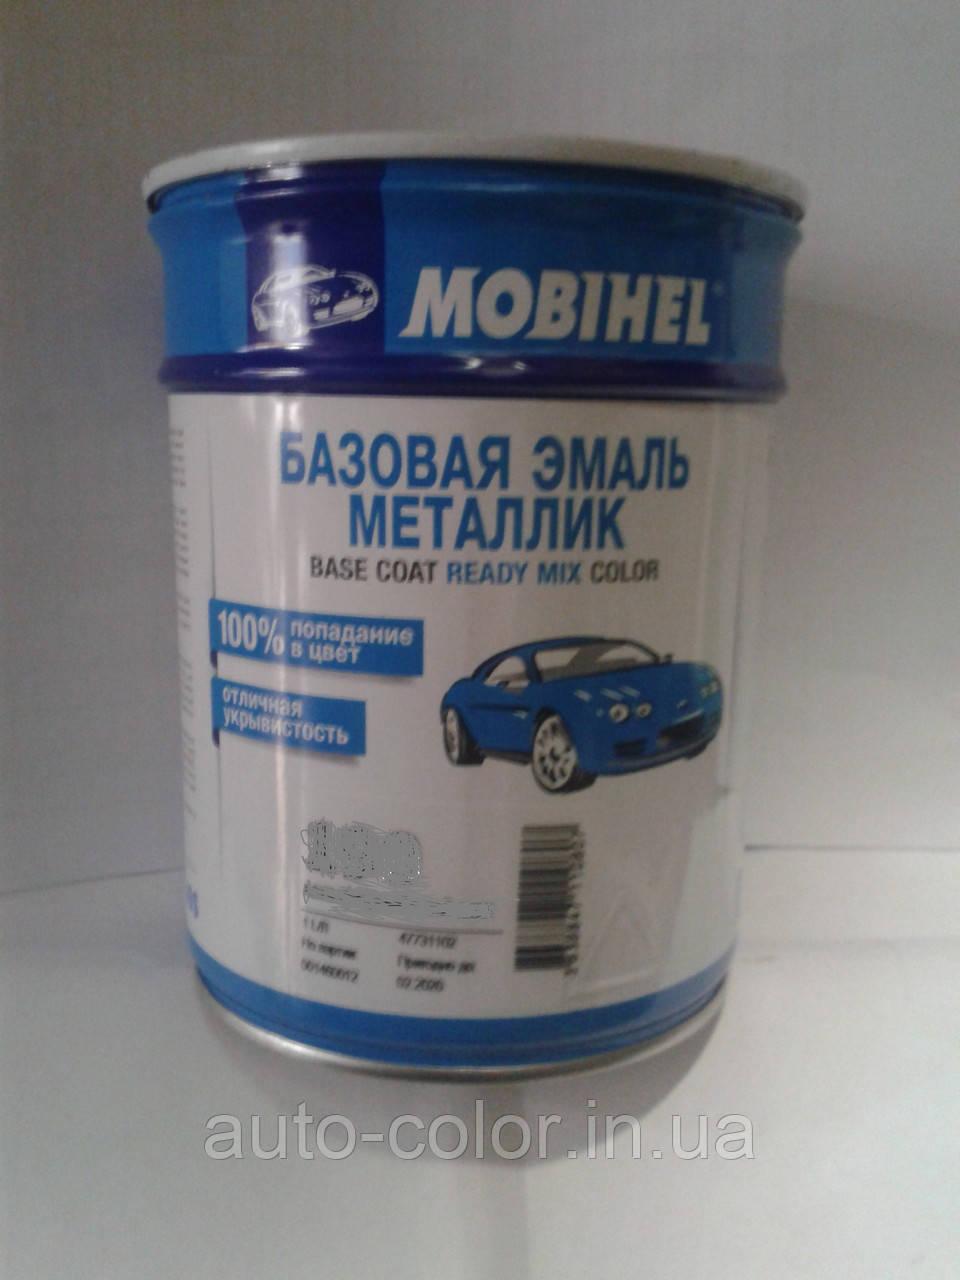 Автоэмаль базовая металлик Mobihel 610 Рислинг 1л